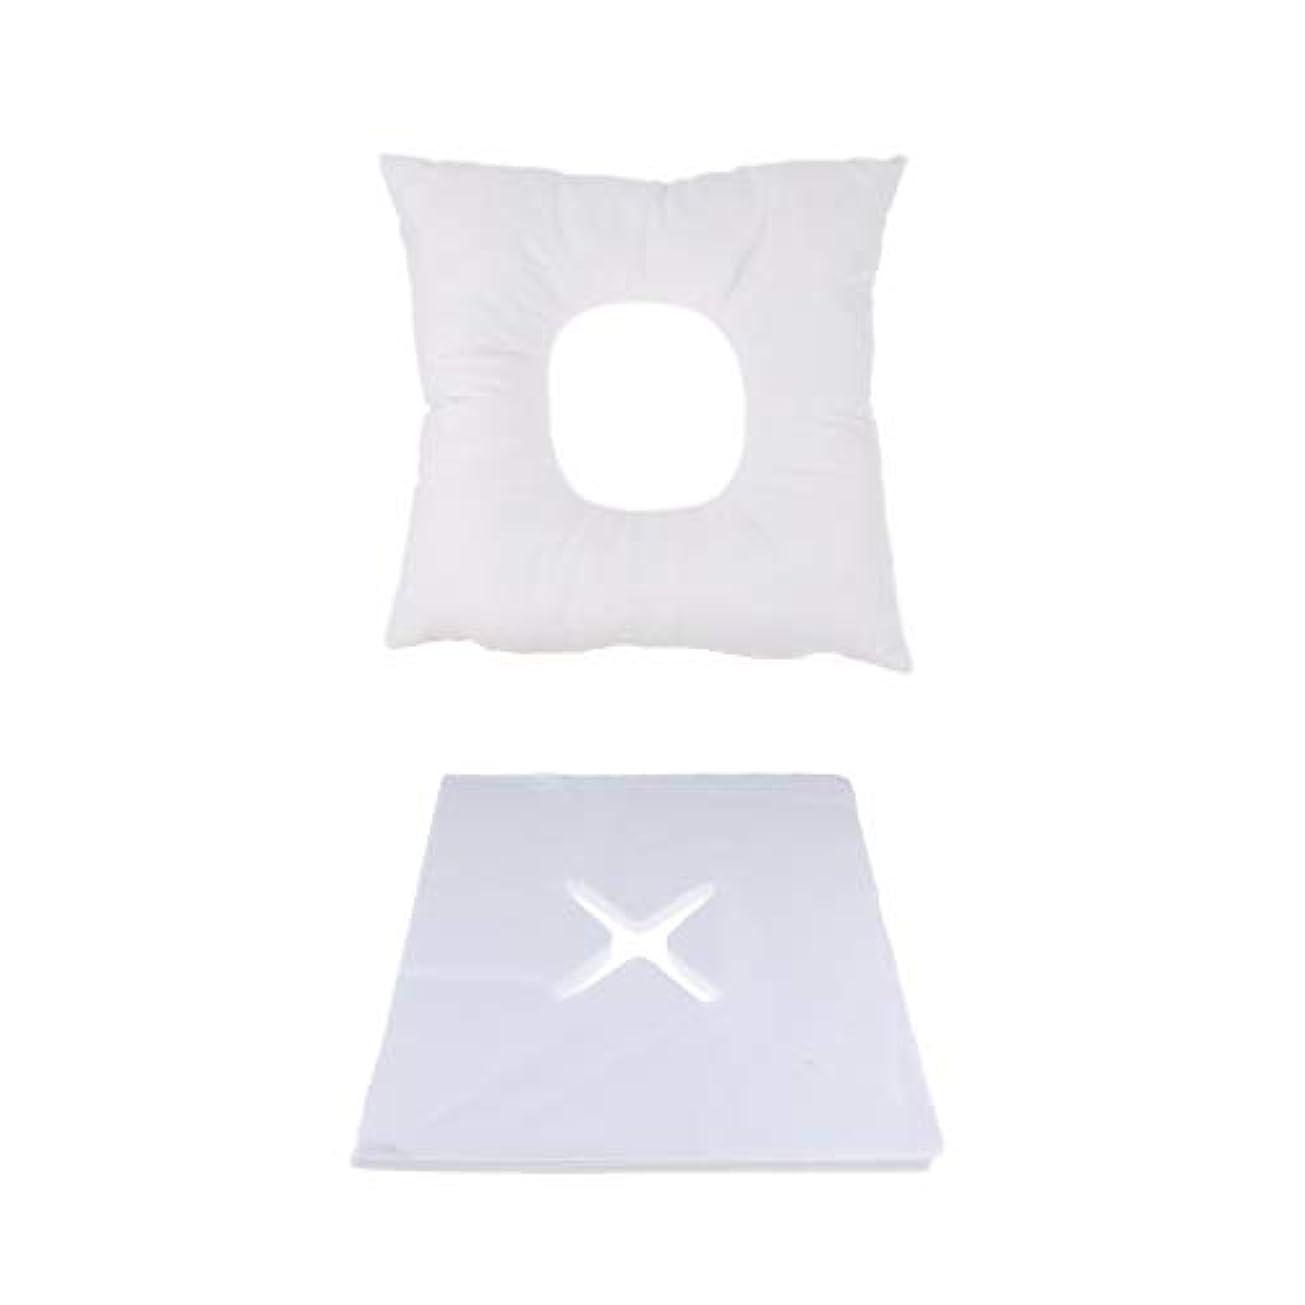 FLAMEER マッサージ用クッション フェイスマット マッサージ枕 顔枕 200個使い捨てカバー付 快適